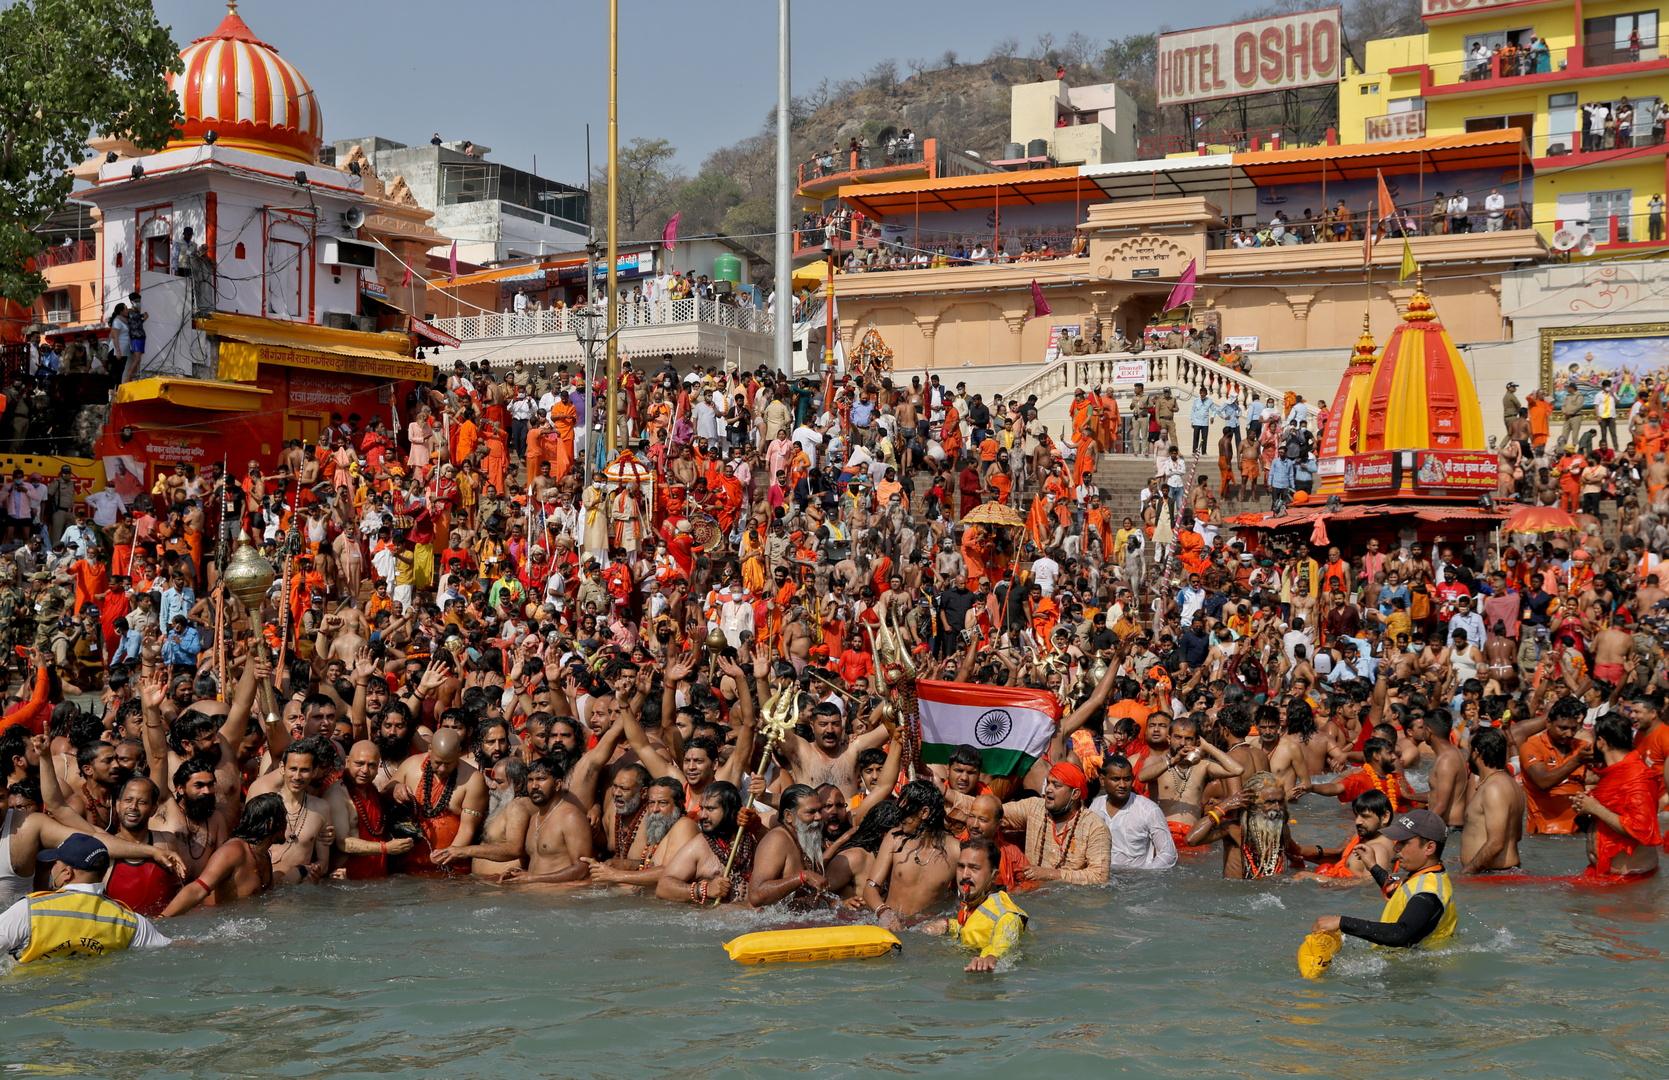 الهند.. أكثر من ألف إصابة بكورونا بعد احتفال ديني